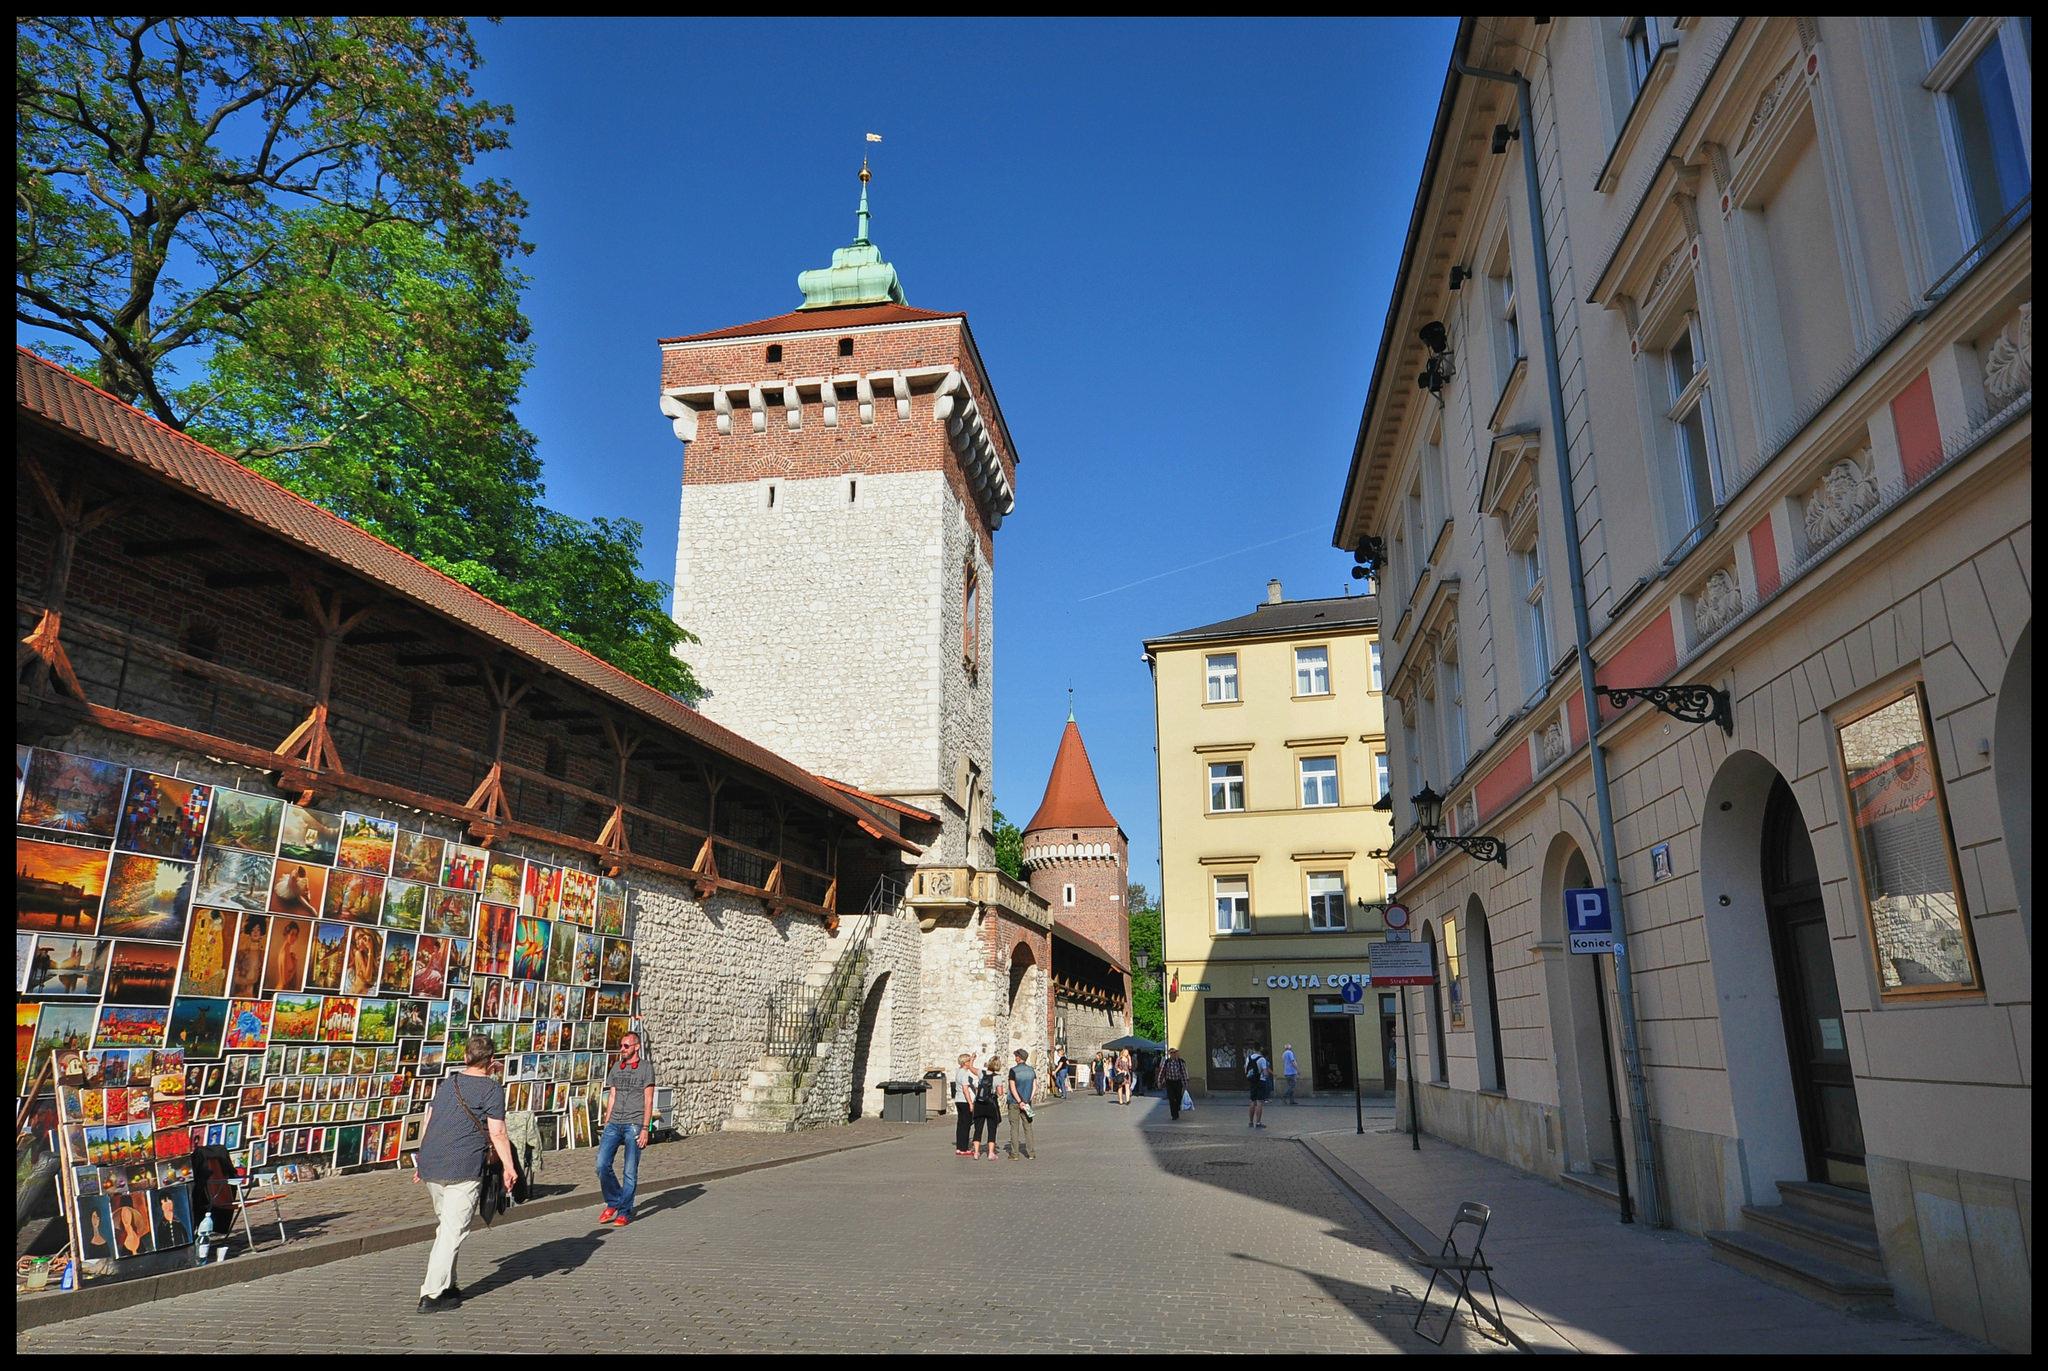 ¡Bienvenidos a Cracovia!